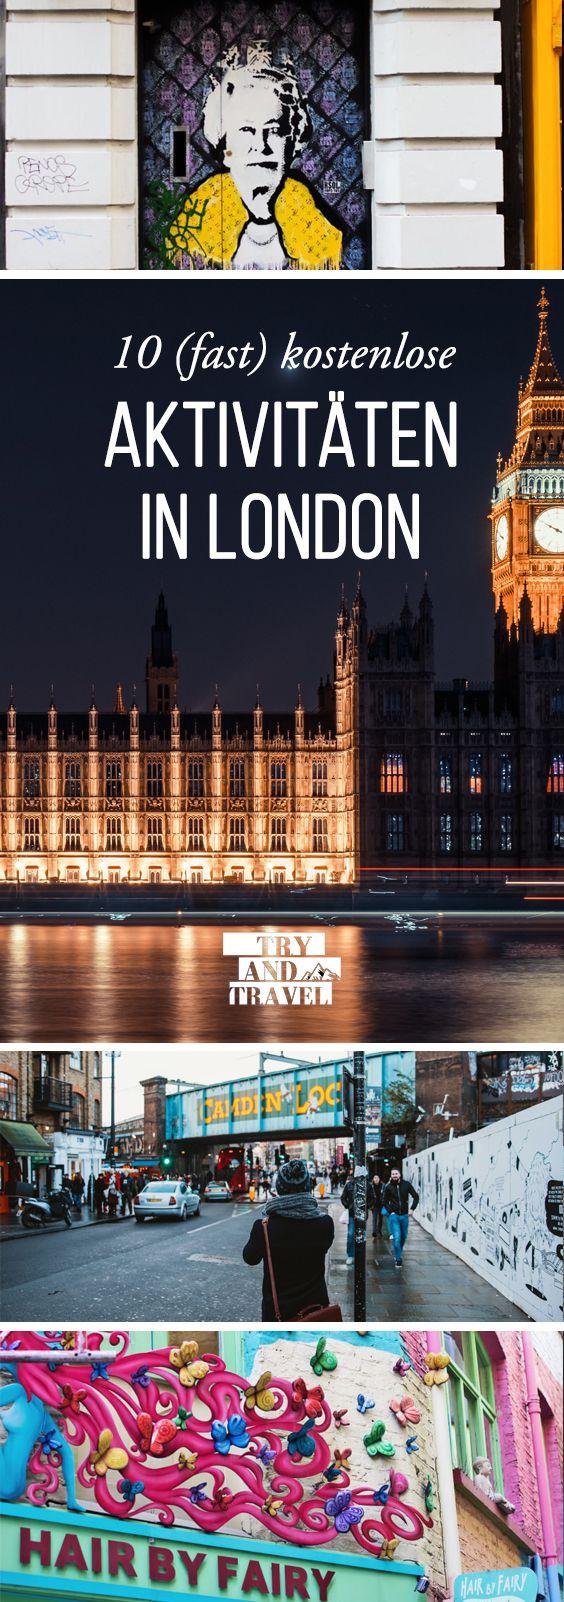 10 (fast) kostenlose Aktivitäten in London